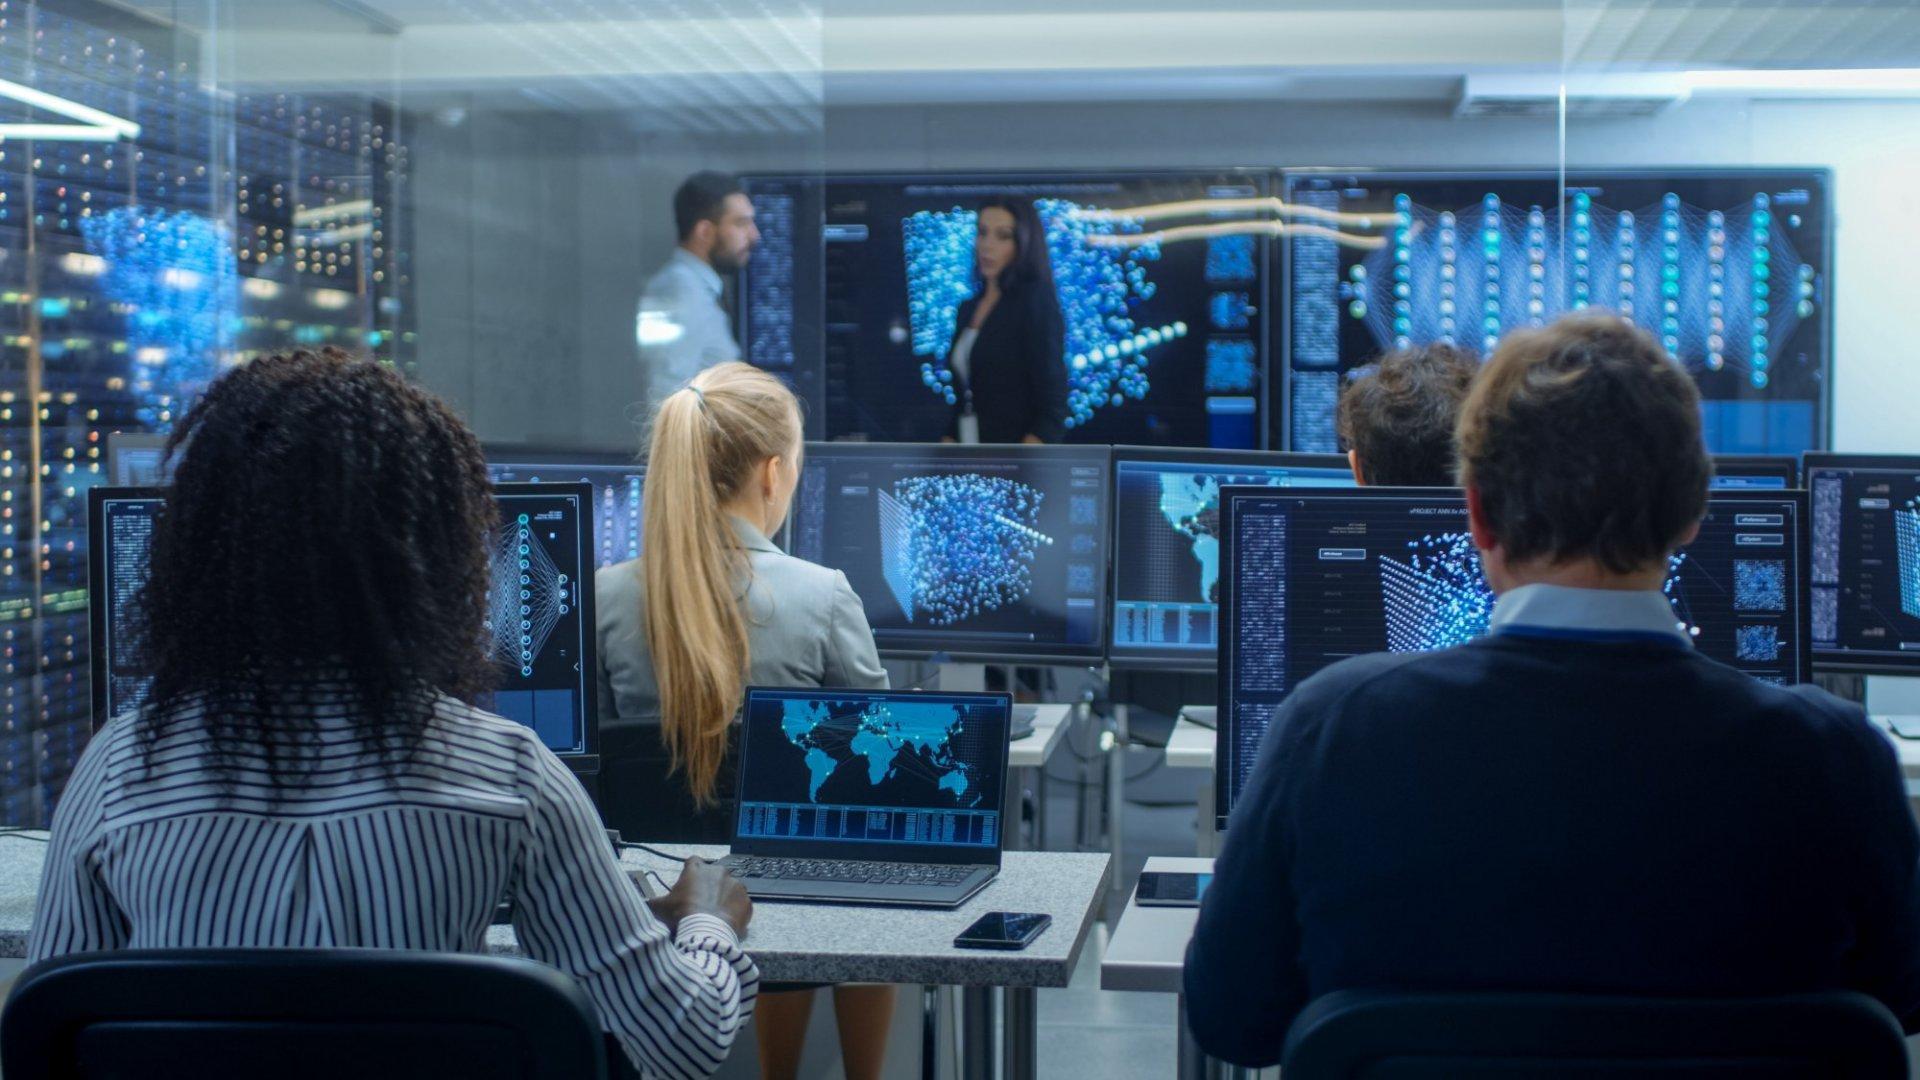 Atechup © Cybersecurity Entrepreneurship ™ Certification Edmonton